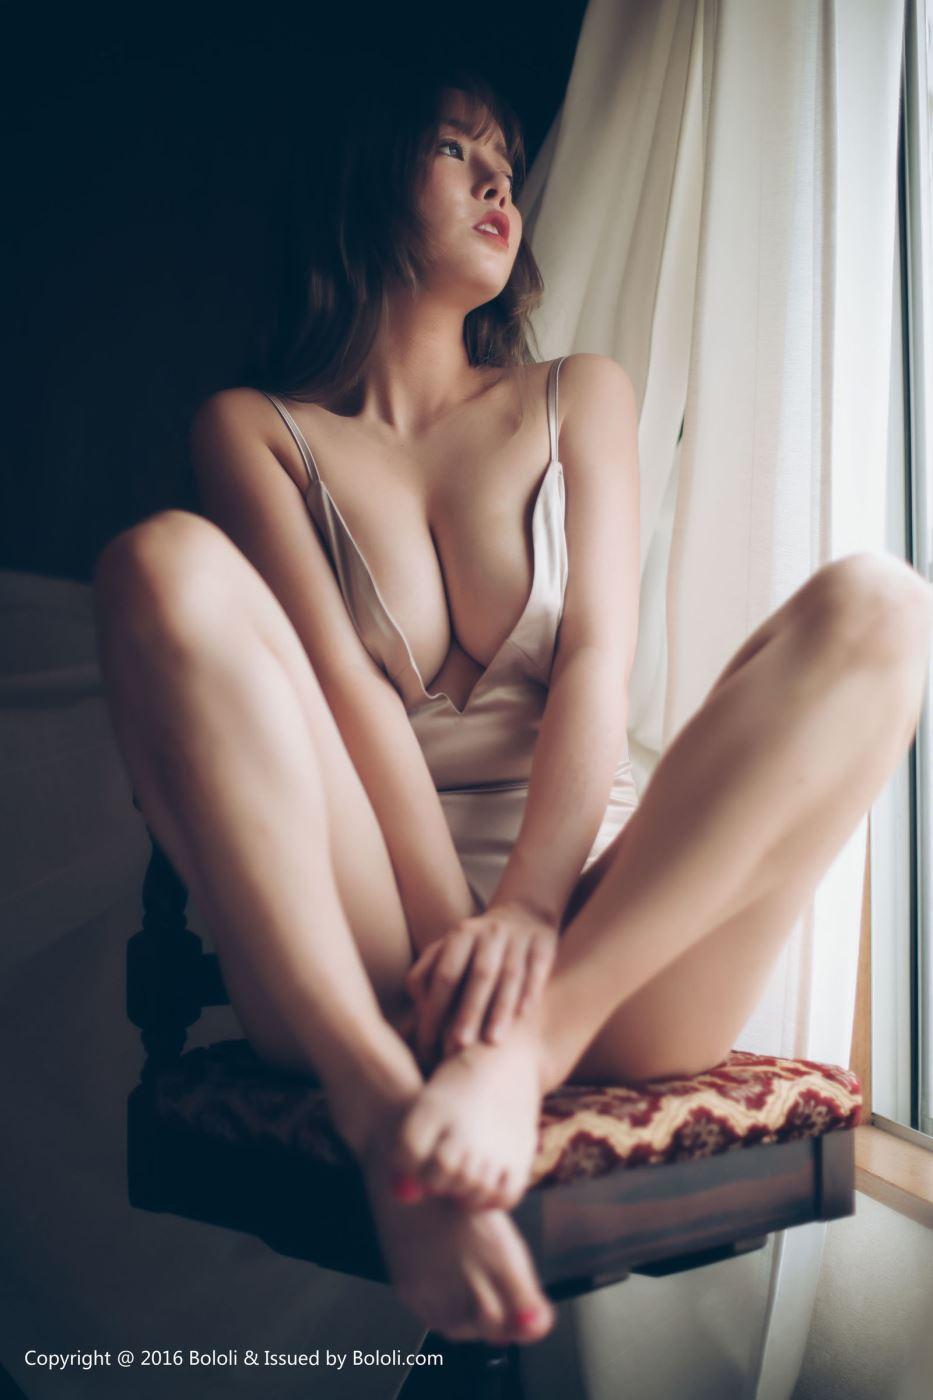 波萝社短发美女尤物王雨纯和服主题乳沟诱人写真图片